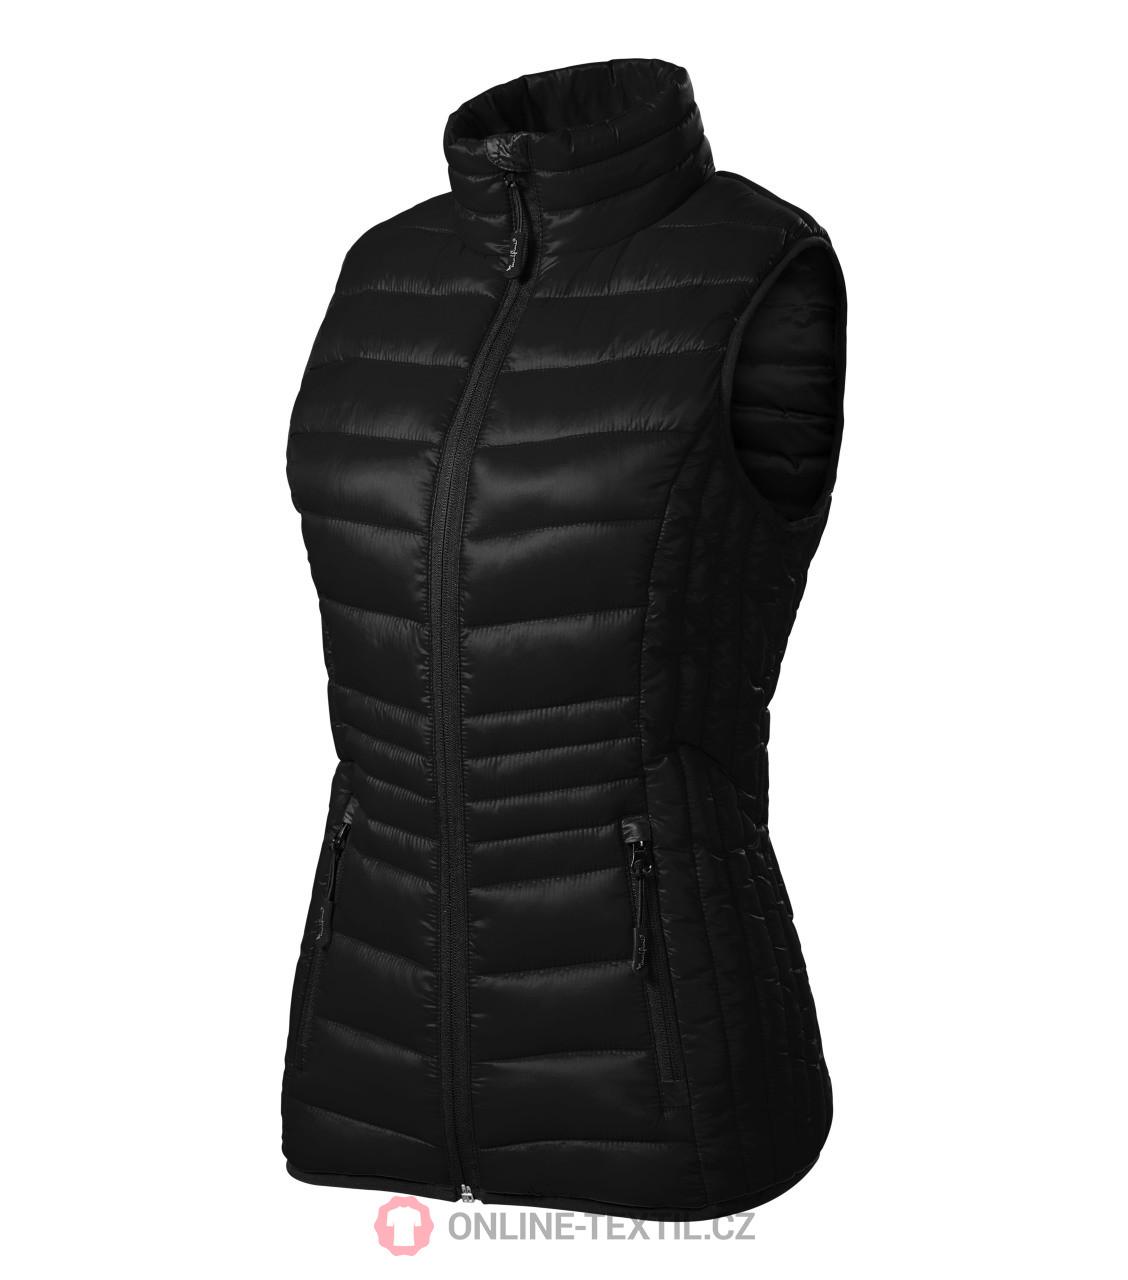 4721312be ADLER CZECH Prémiová dámska prešívaná vesta Everest 554 - čierna z ...